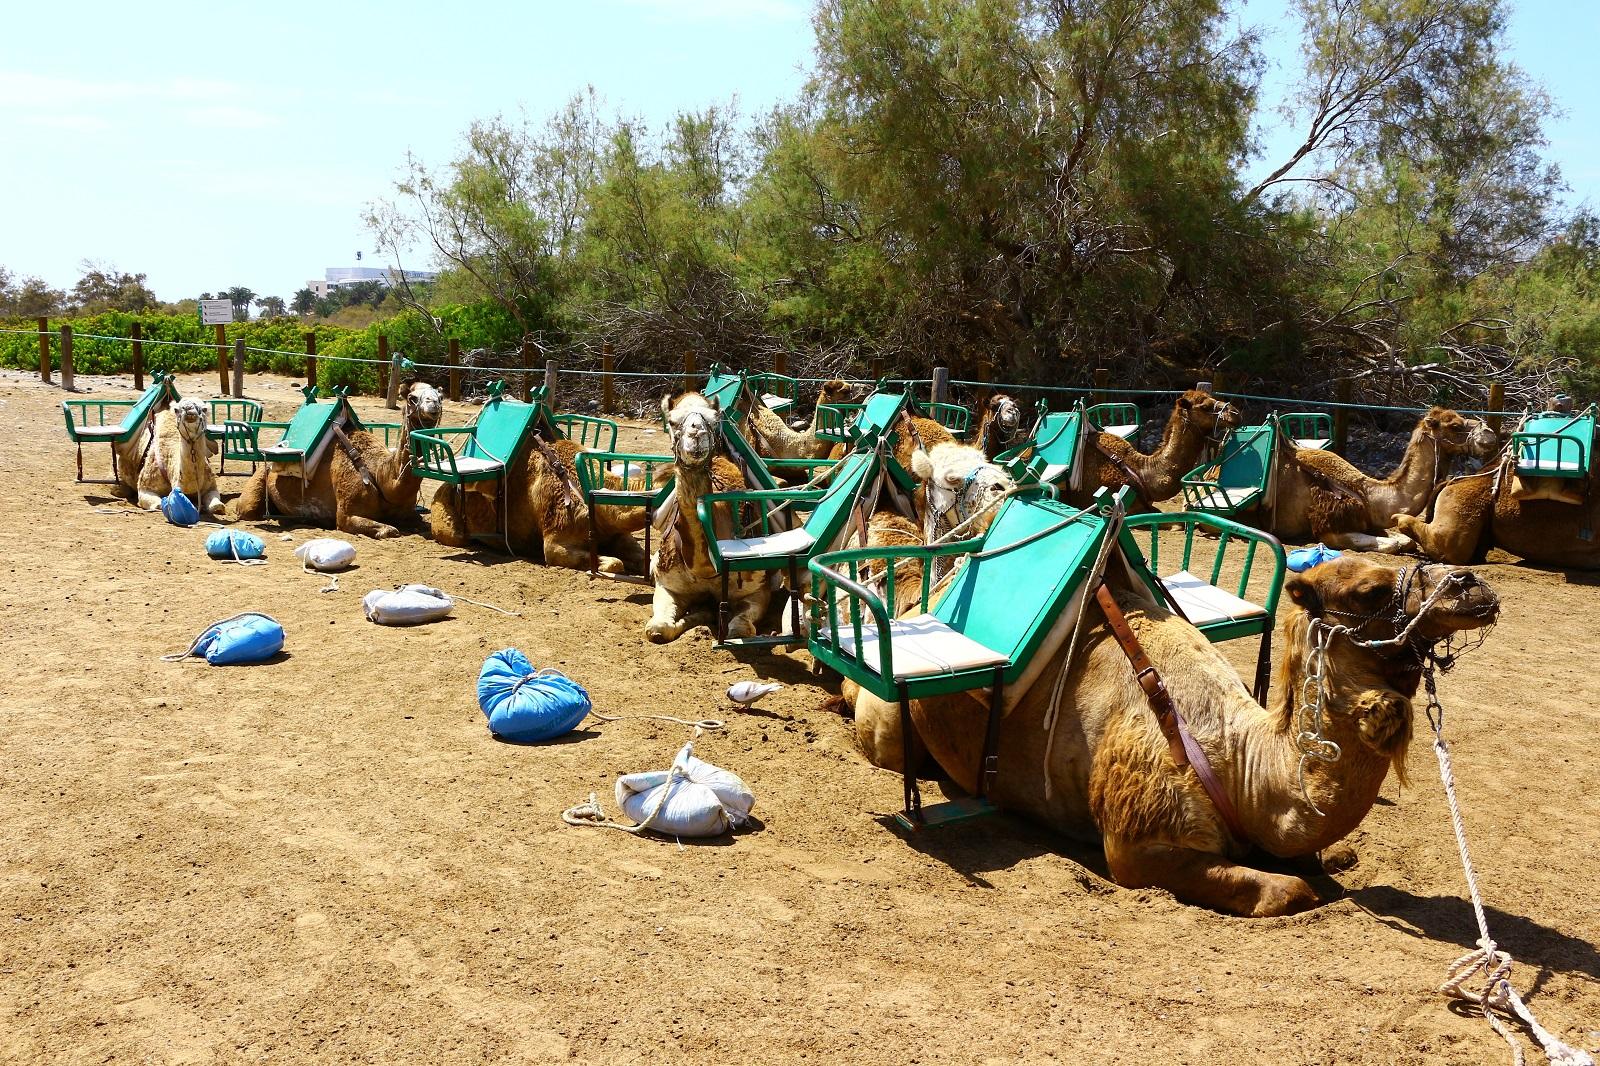 kameelrijden maspalomas gran canaria